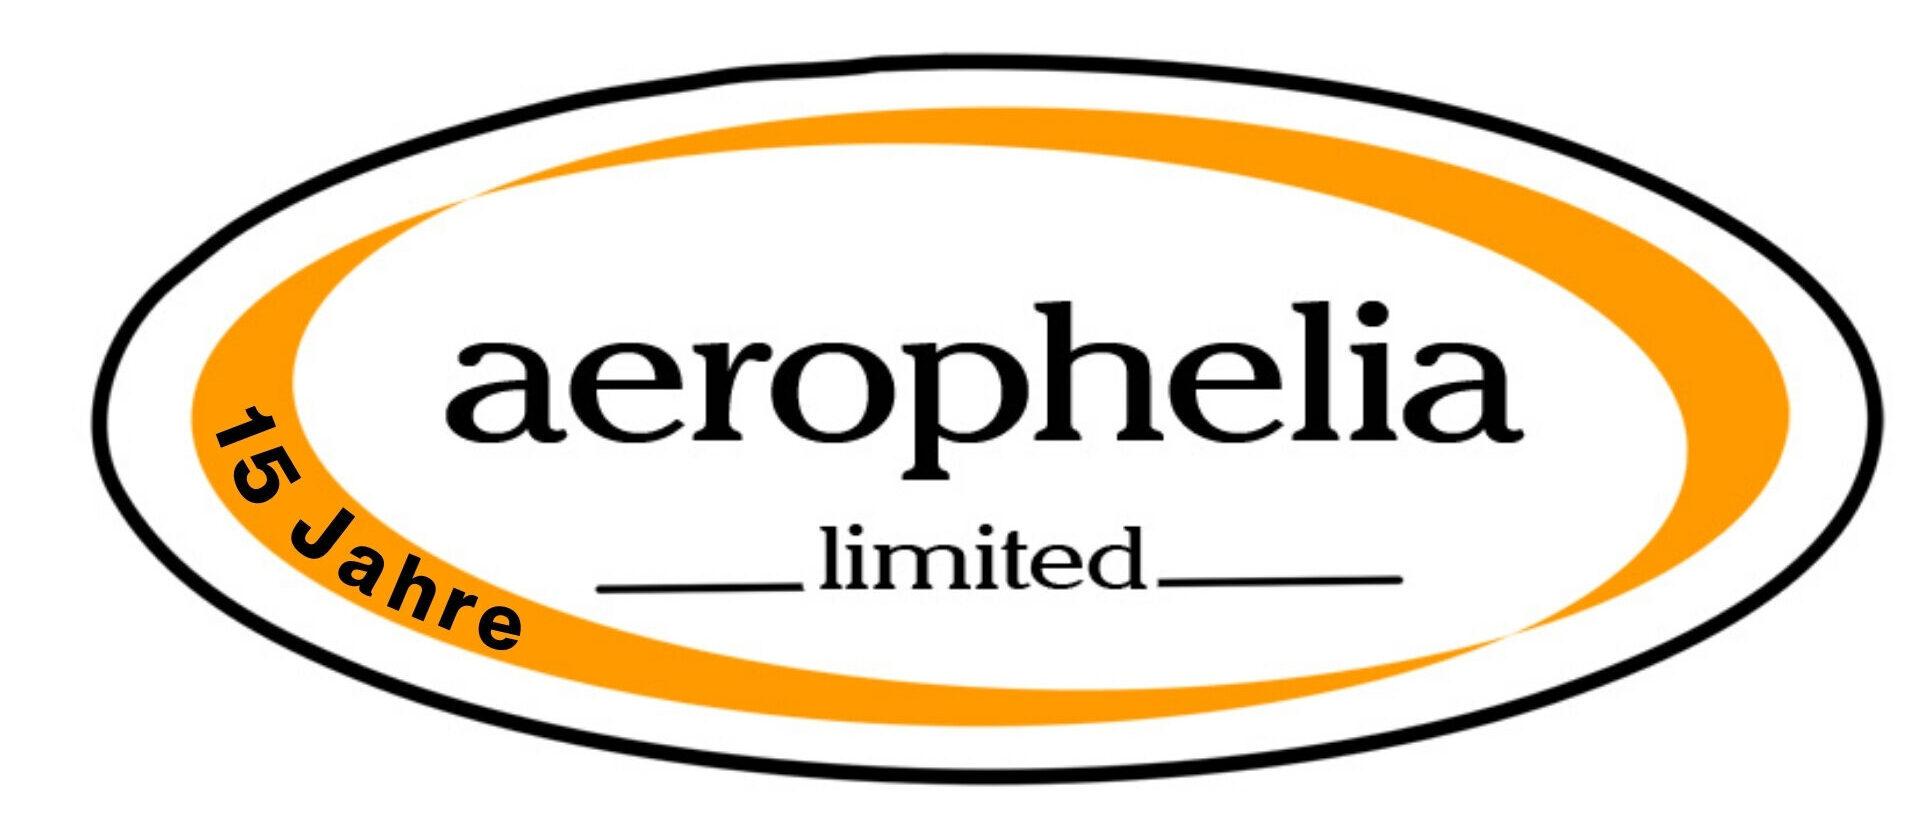 aerophelia® ltd.